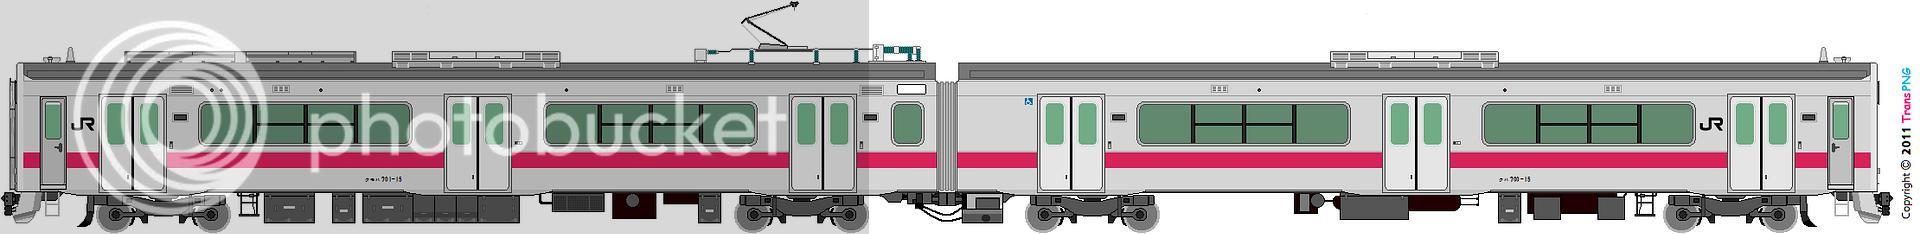 鐵路列車 2268